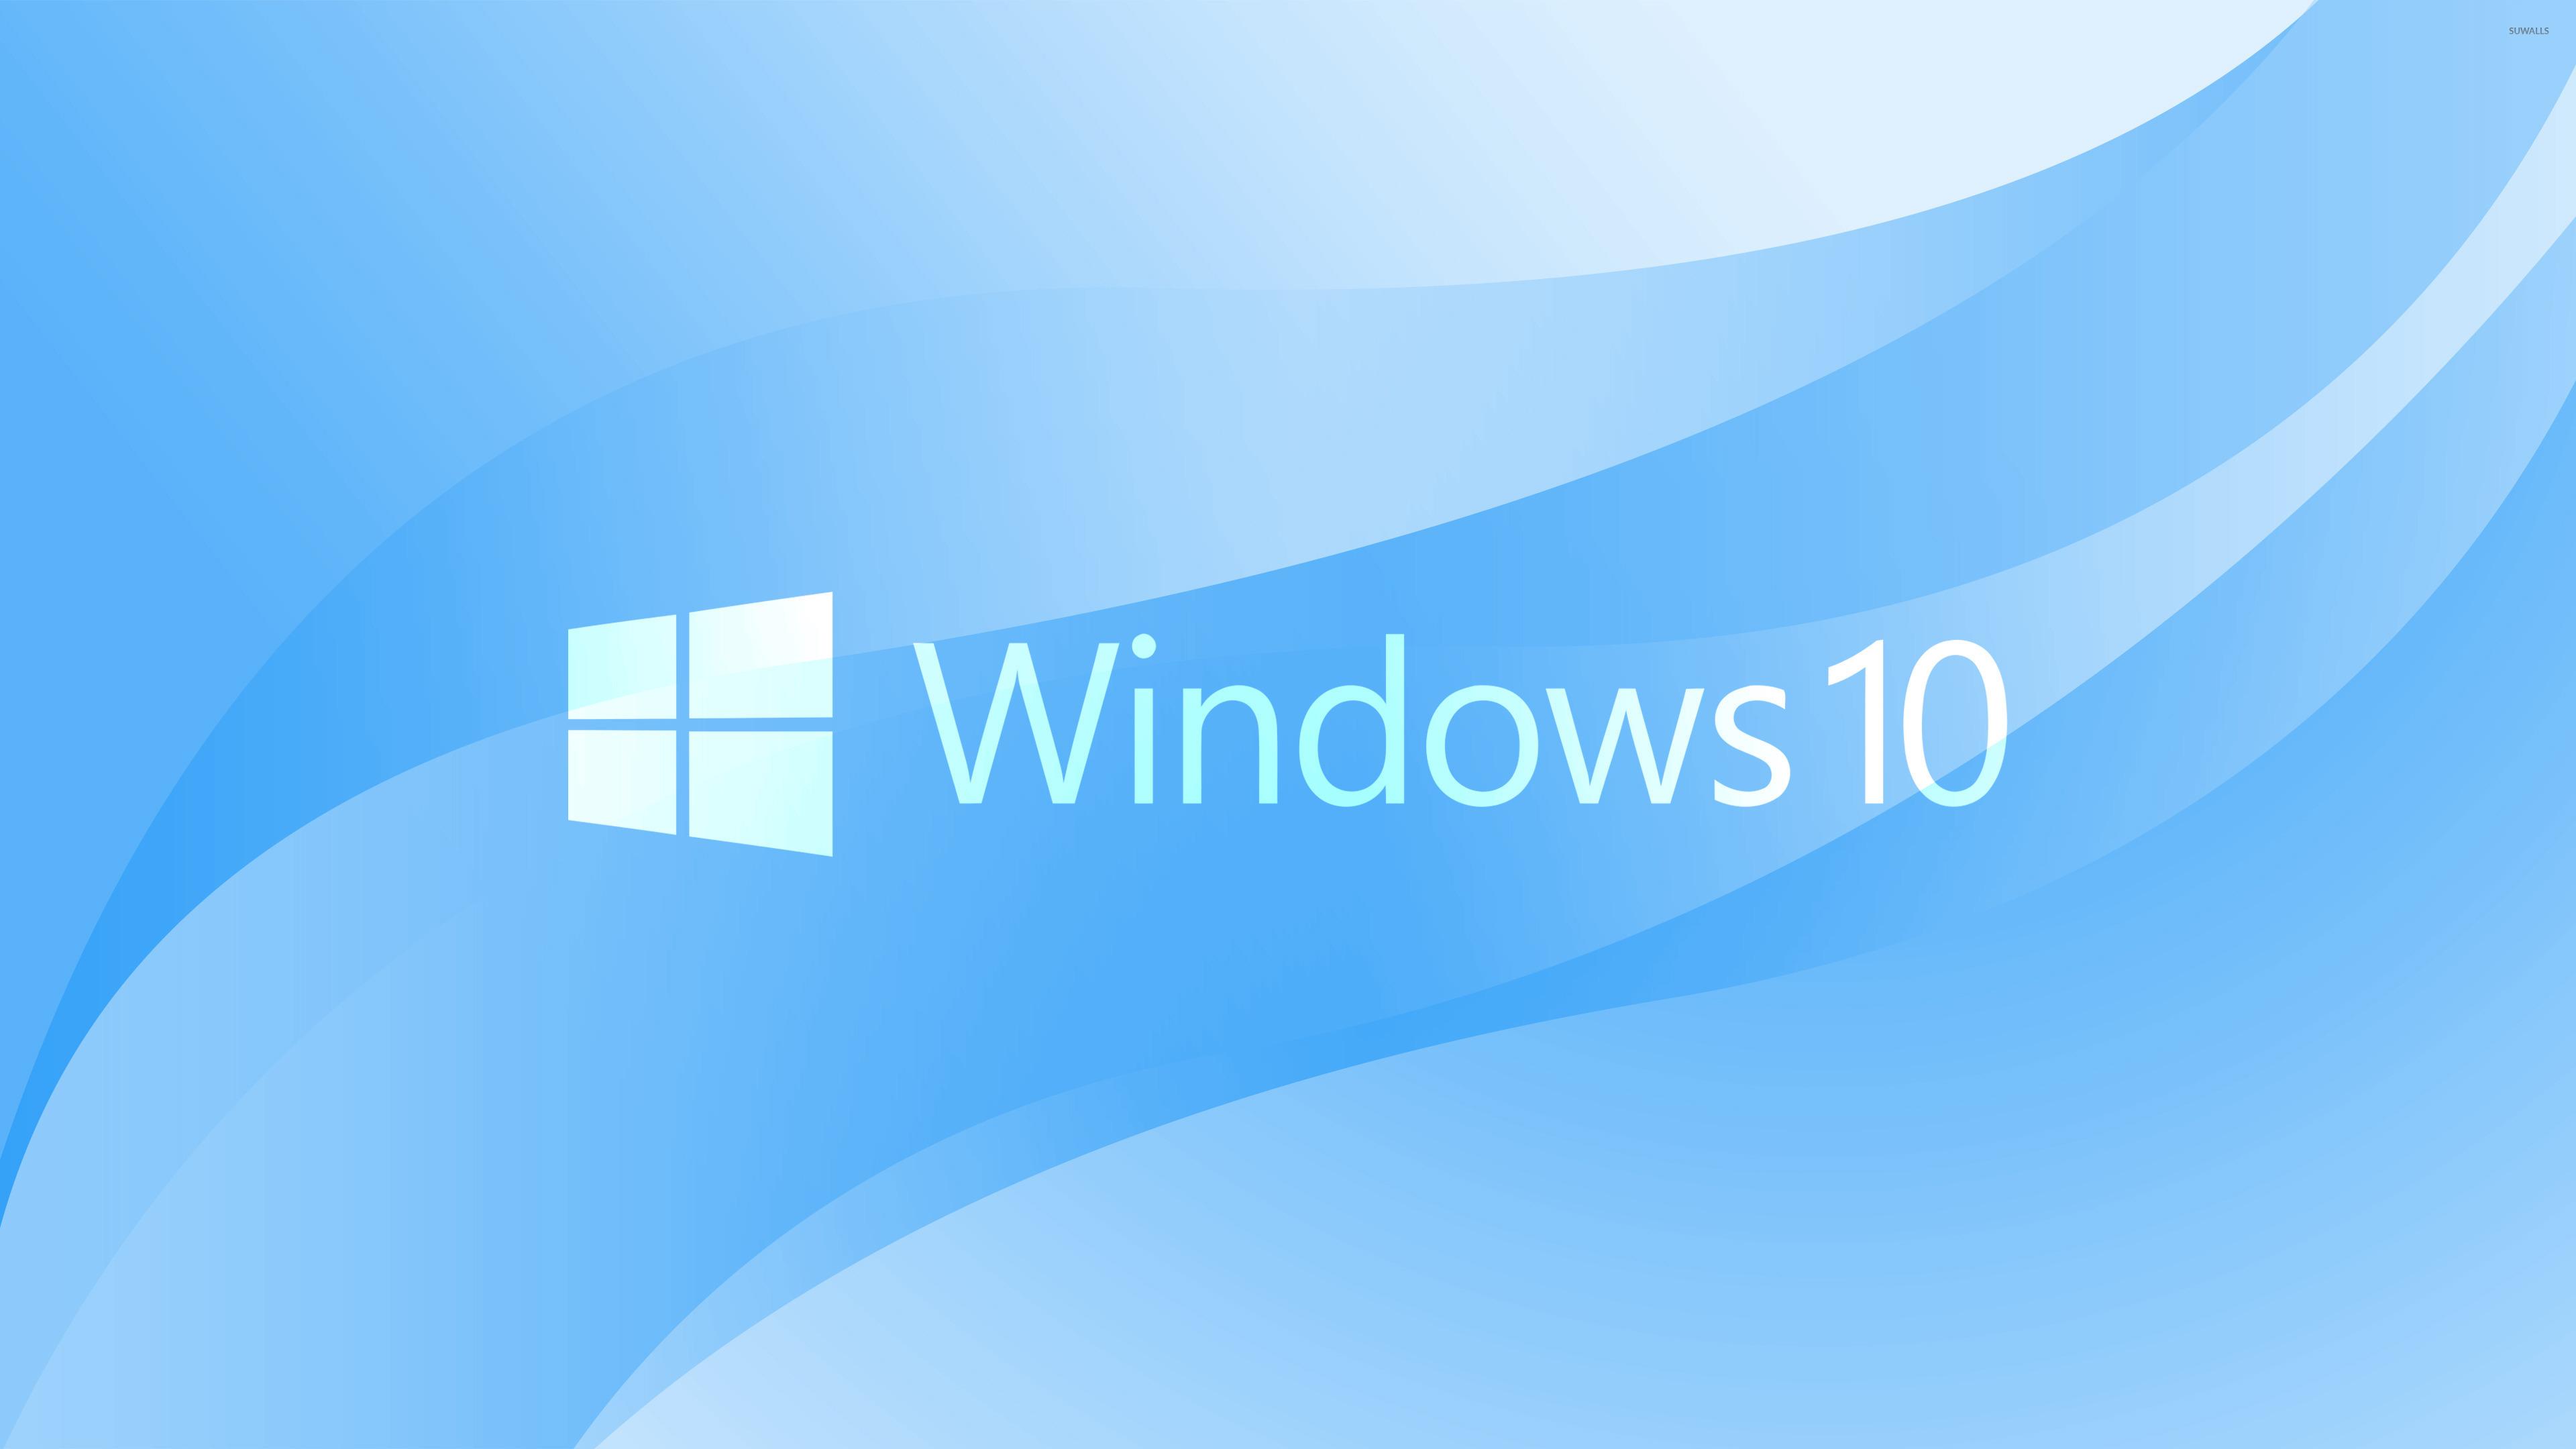 Windows 10 White Text Logo On Light Blue Wallpaper